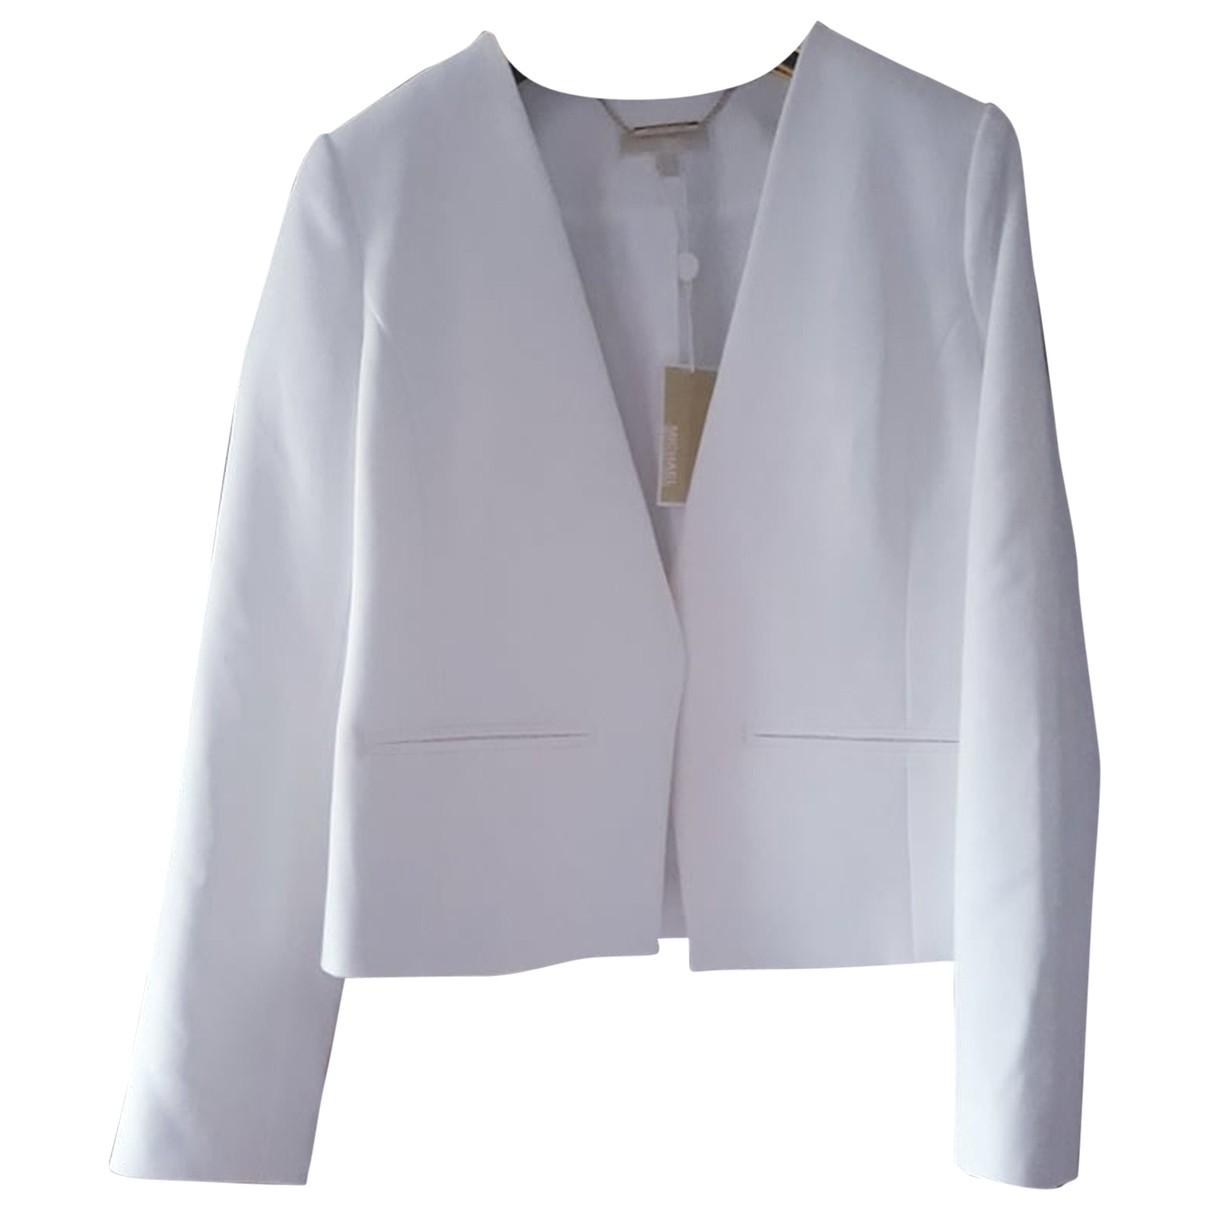 Michael Kors \N White jacket for Women 10 US